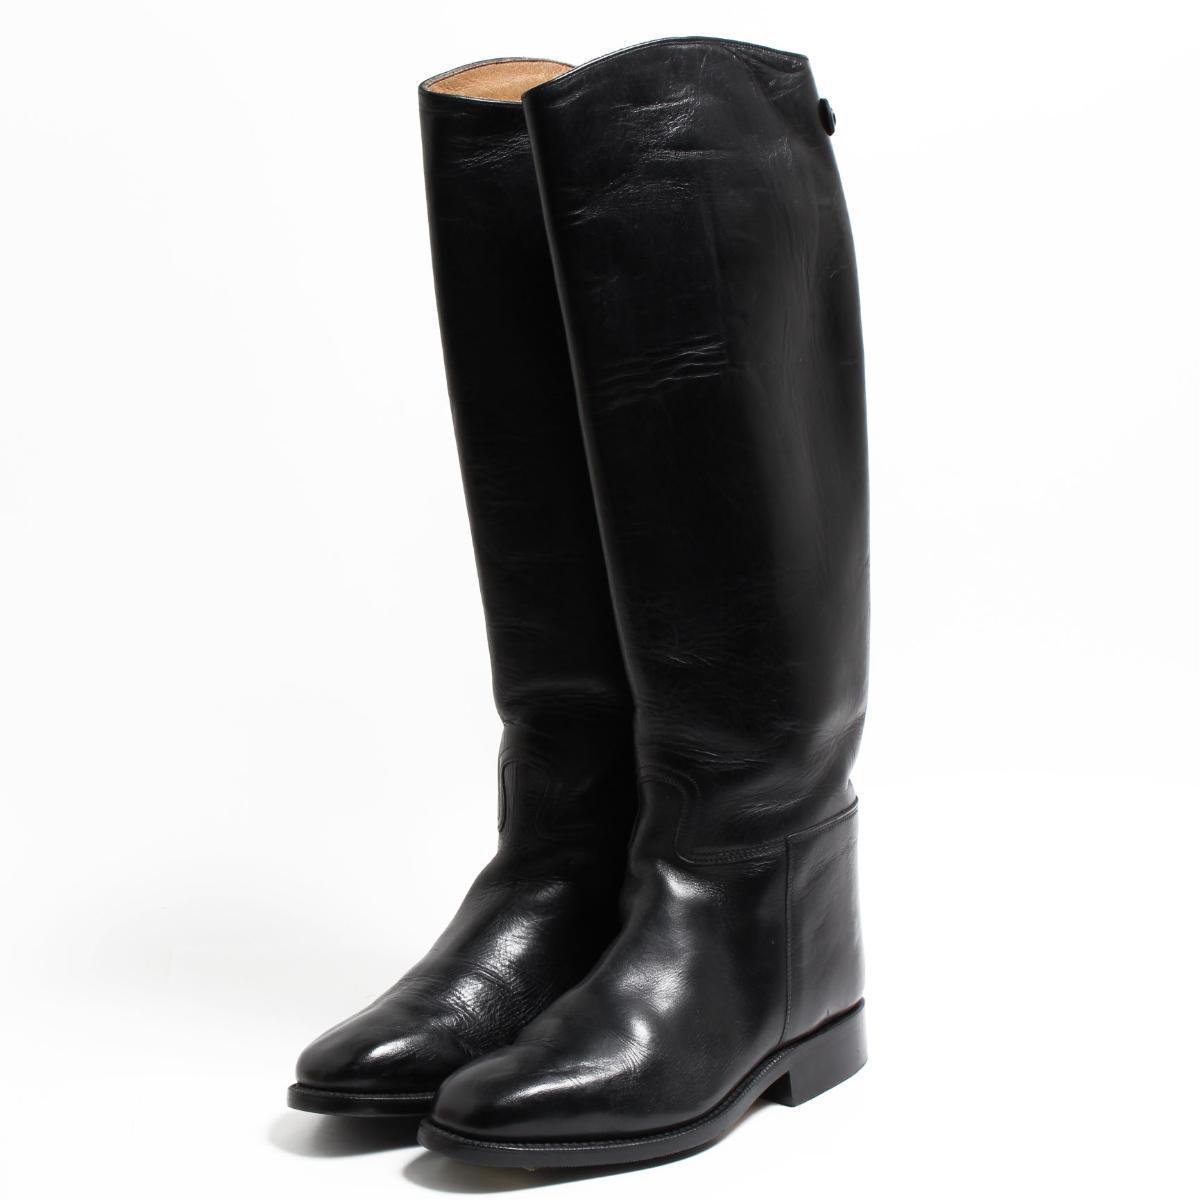 カバロ Cavallo ジョッキー乗馬ブーツ 5.5 レディース22.5cm /bon5984 【中古】 【180918】